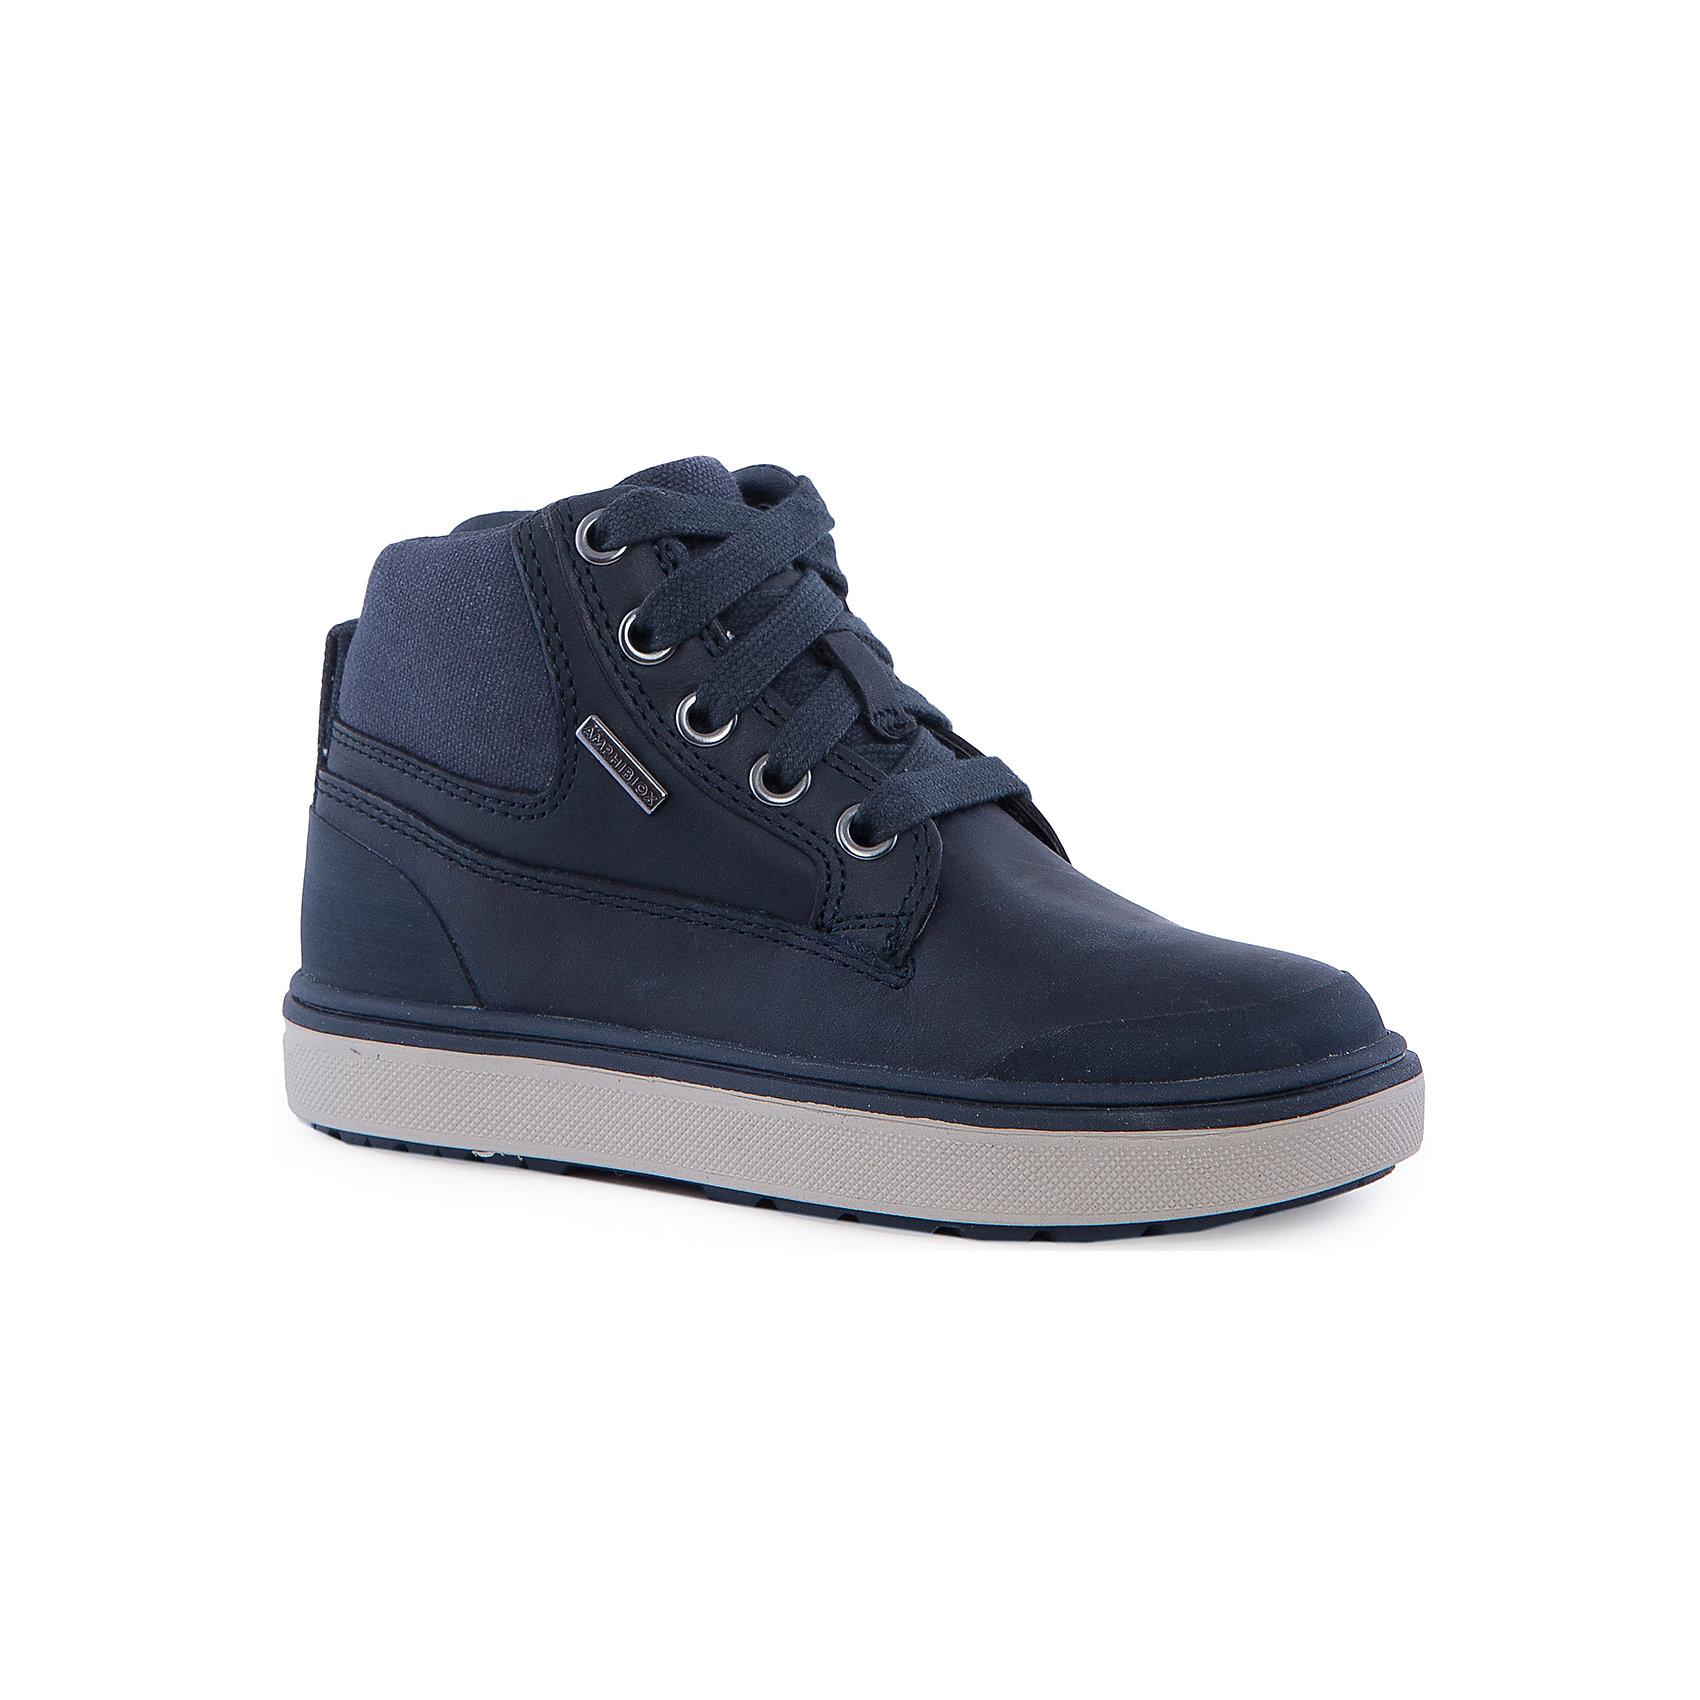 Ботинки для мальчика GEOXБотинки<br>Ботинки для мальчика GEOX (ГЕОКС)<br>Ботинки для мальчика от GEOX (ГЕОКС) выполнены из натуральной кожи. Модель имеет теплую подкладку и войлочную стельку с изоляционным алюминиевым слоем, что улучшается тепловое сопротивление в холодных условиях, повышая температуру внутри обуви. Влага не застаивается в обуви, благодаря чему создается идеальный микроклимат, который держит ноги теплыми и сухими, и позволяет им дышать естественно. Тип застежки шнуровка, также модель застёгивается на удобную боковую молнию, которая фиксируется небольшой липучкой. Колодка соответствует анатомическим особенностям строения детской стопы. Качественная амортизация снижает нагрузку на суставы. Легкая подошва из ЭВА с микропористой мембраной обеспечивает естественное дыхание обуви, не пропускает воду.<br><br>Дополнительная информация:<br><br>- Сезон: демисезон<br>- Цвет: синий<br>- Состав: натуральная кожа 60%, синтетический материал 40%<br>- Материал верха: натуральная кожа<br>- Внутренний материал: текстиль<br>- Материал стельки: текстиль<br>- Материал подошвы: резина<br>- Тип подошвы: рифленая<br>- Вид застежки: шнуровка, молния<br>- Высота задника: 7 см.<br>- Материалы и продукция прошли специальную проверку T?V S?D, на отсутствие веществ, опасных для здоровья покупателей<br><br>Ботинки для мальчика GEOX (ГЕОКС) можно купить в нашем интернет-магазине.<br><br>Ширина мм: 257<br>Глубина мм: 180<br>Высота мм: 130<br>Вес г: 420<br>Цвет: синий<br>Возраст от месяцев: 96<br>Возраст до месяцев: 108<br>Пол: Мужской<br>Возраст: Детский<br>Размер: 32,29,38,31,37,34,28,36,35,33,30<br>SKU: 4865094